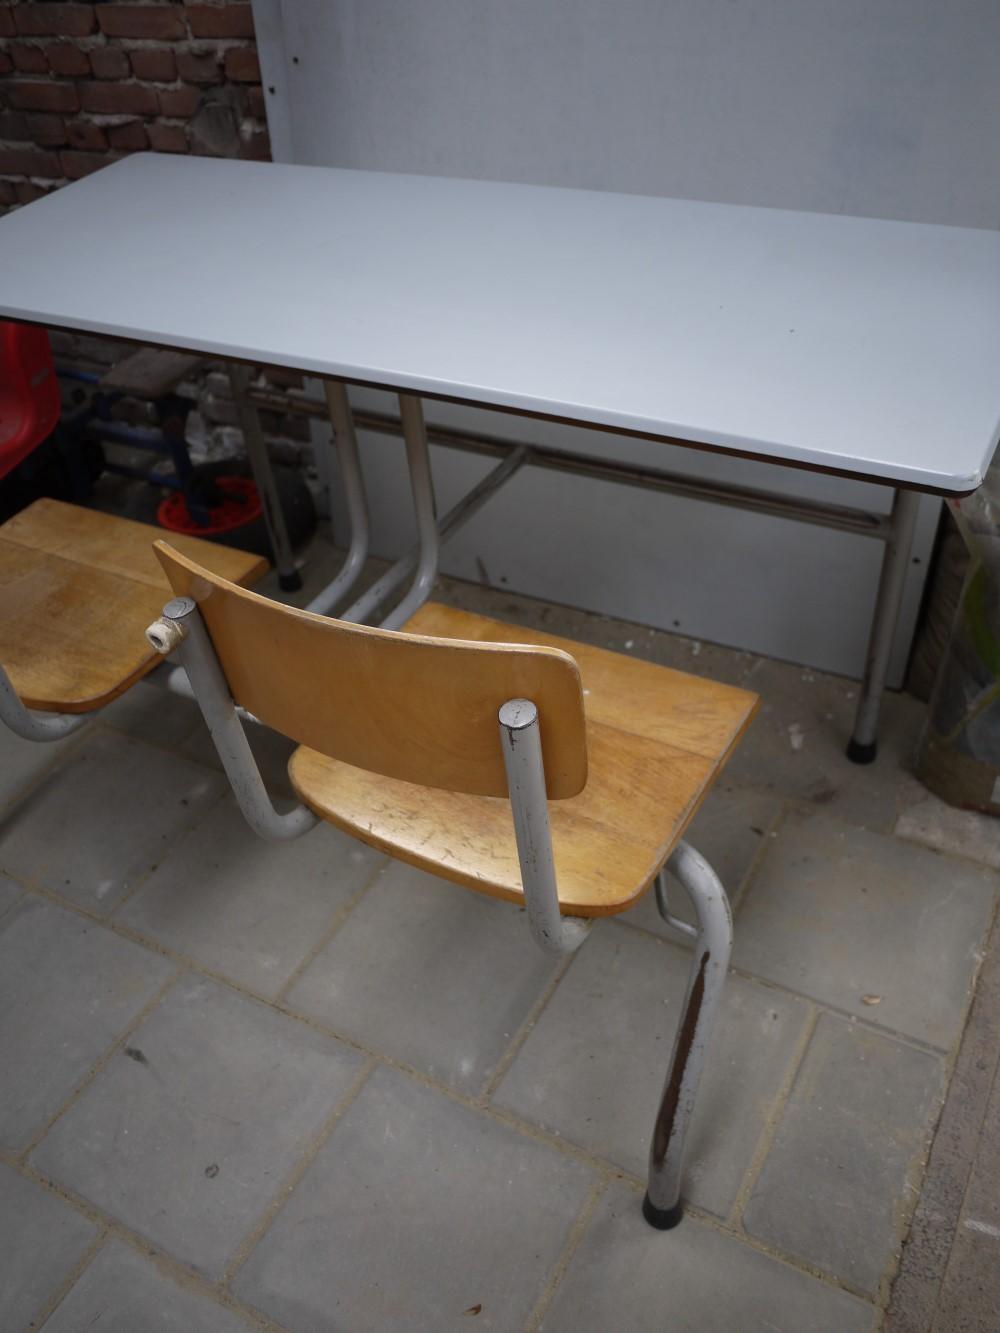 http://myshop.s3-external-3.amazonaws.com/shop4613300.pictures.359.JPG